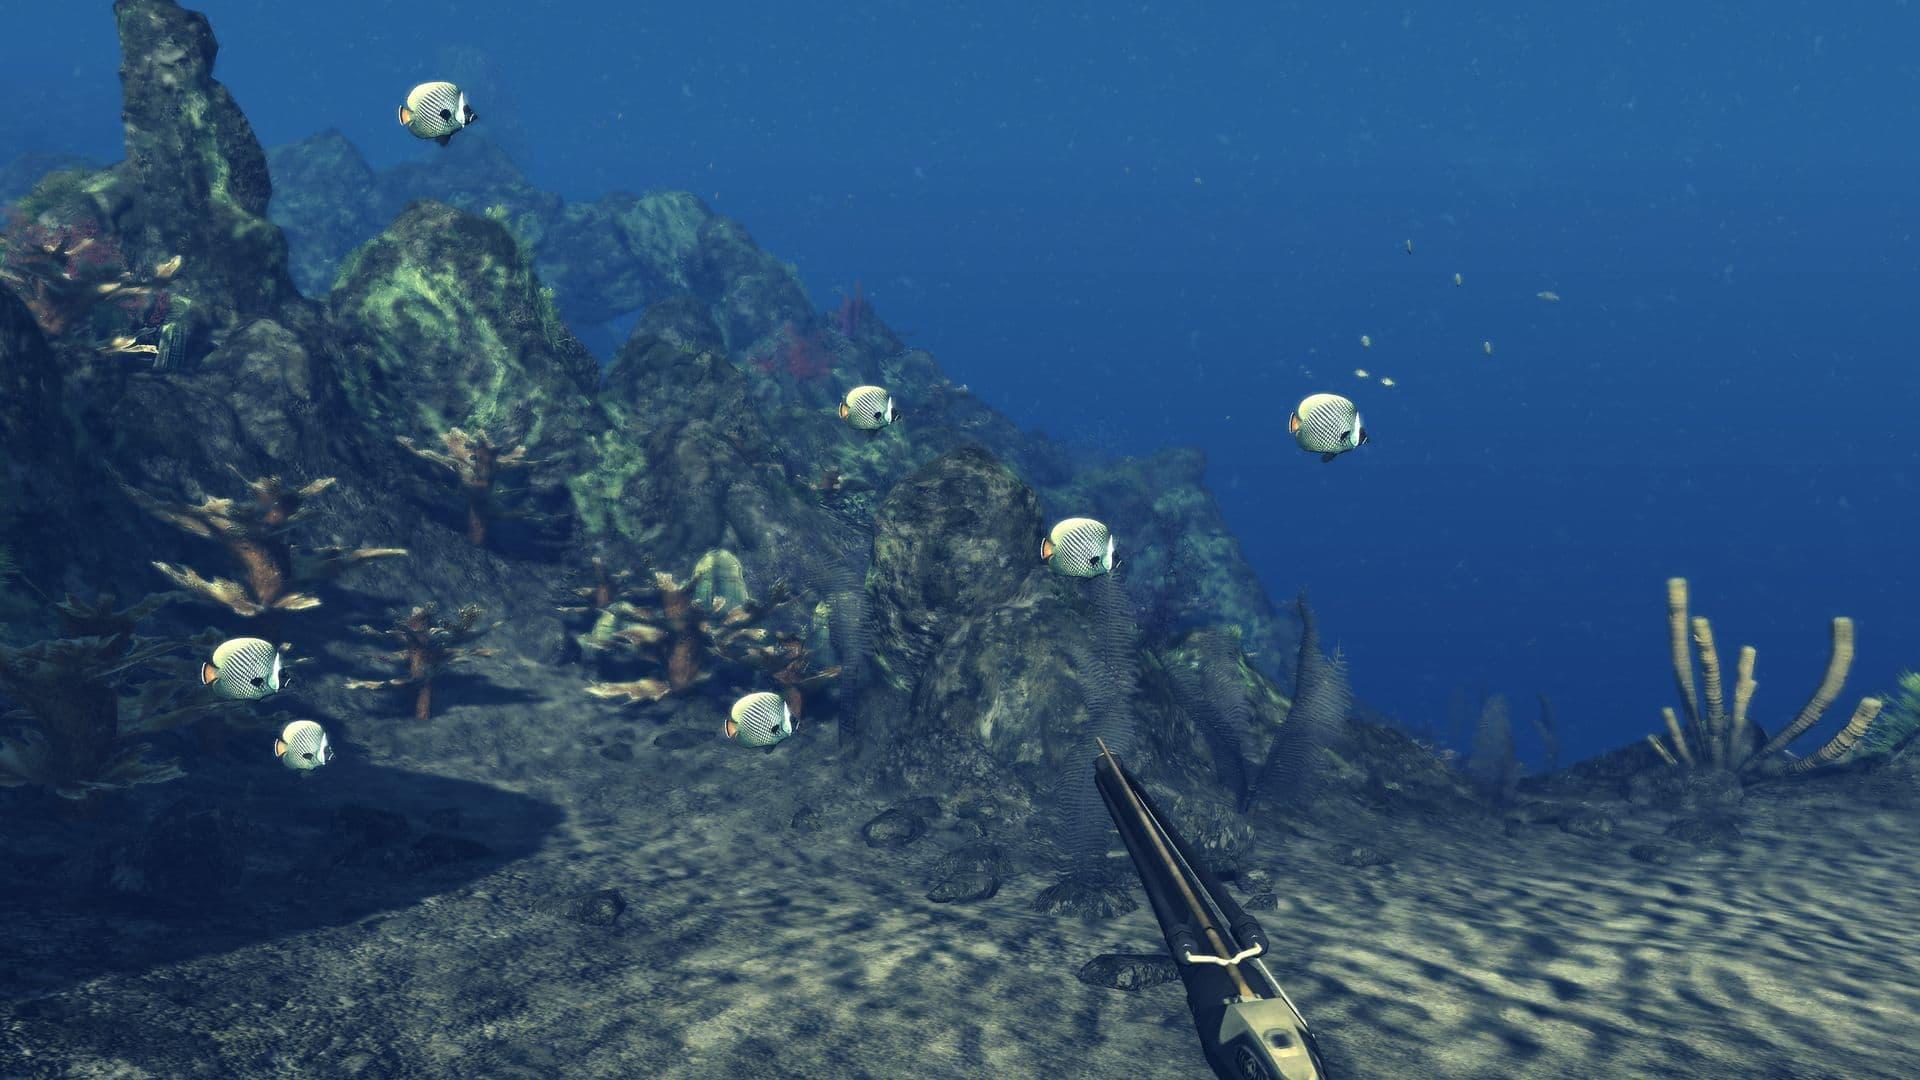 20 août 2014 ... Depth Hunter 2 est un jeu de chasse sous-marine, offrant une expérience totale  de sport extrême en pêche sous-marine! ... Les pêcheurs au harpon chassent en  plongeant en apnée retenant leur respiration ; ils doivent gérer...